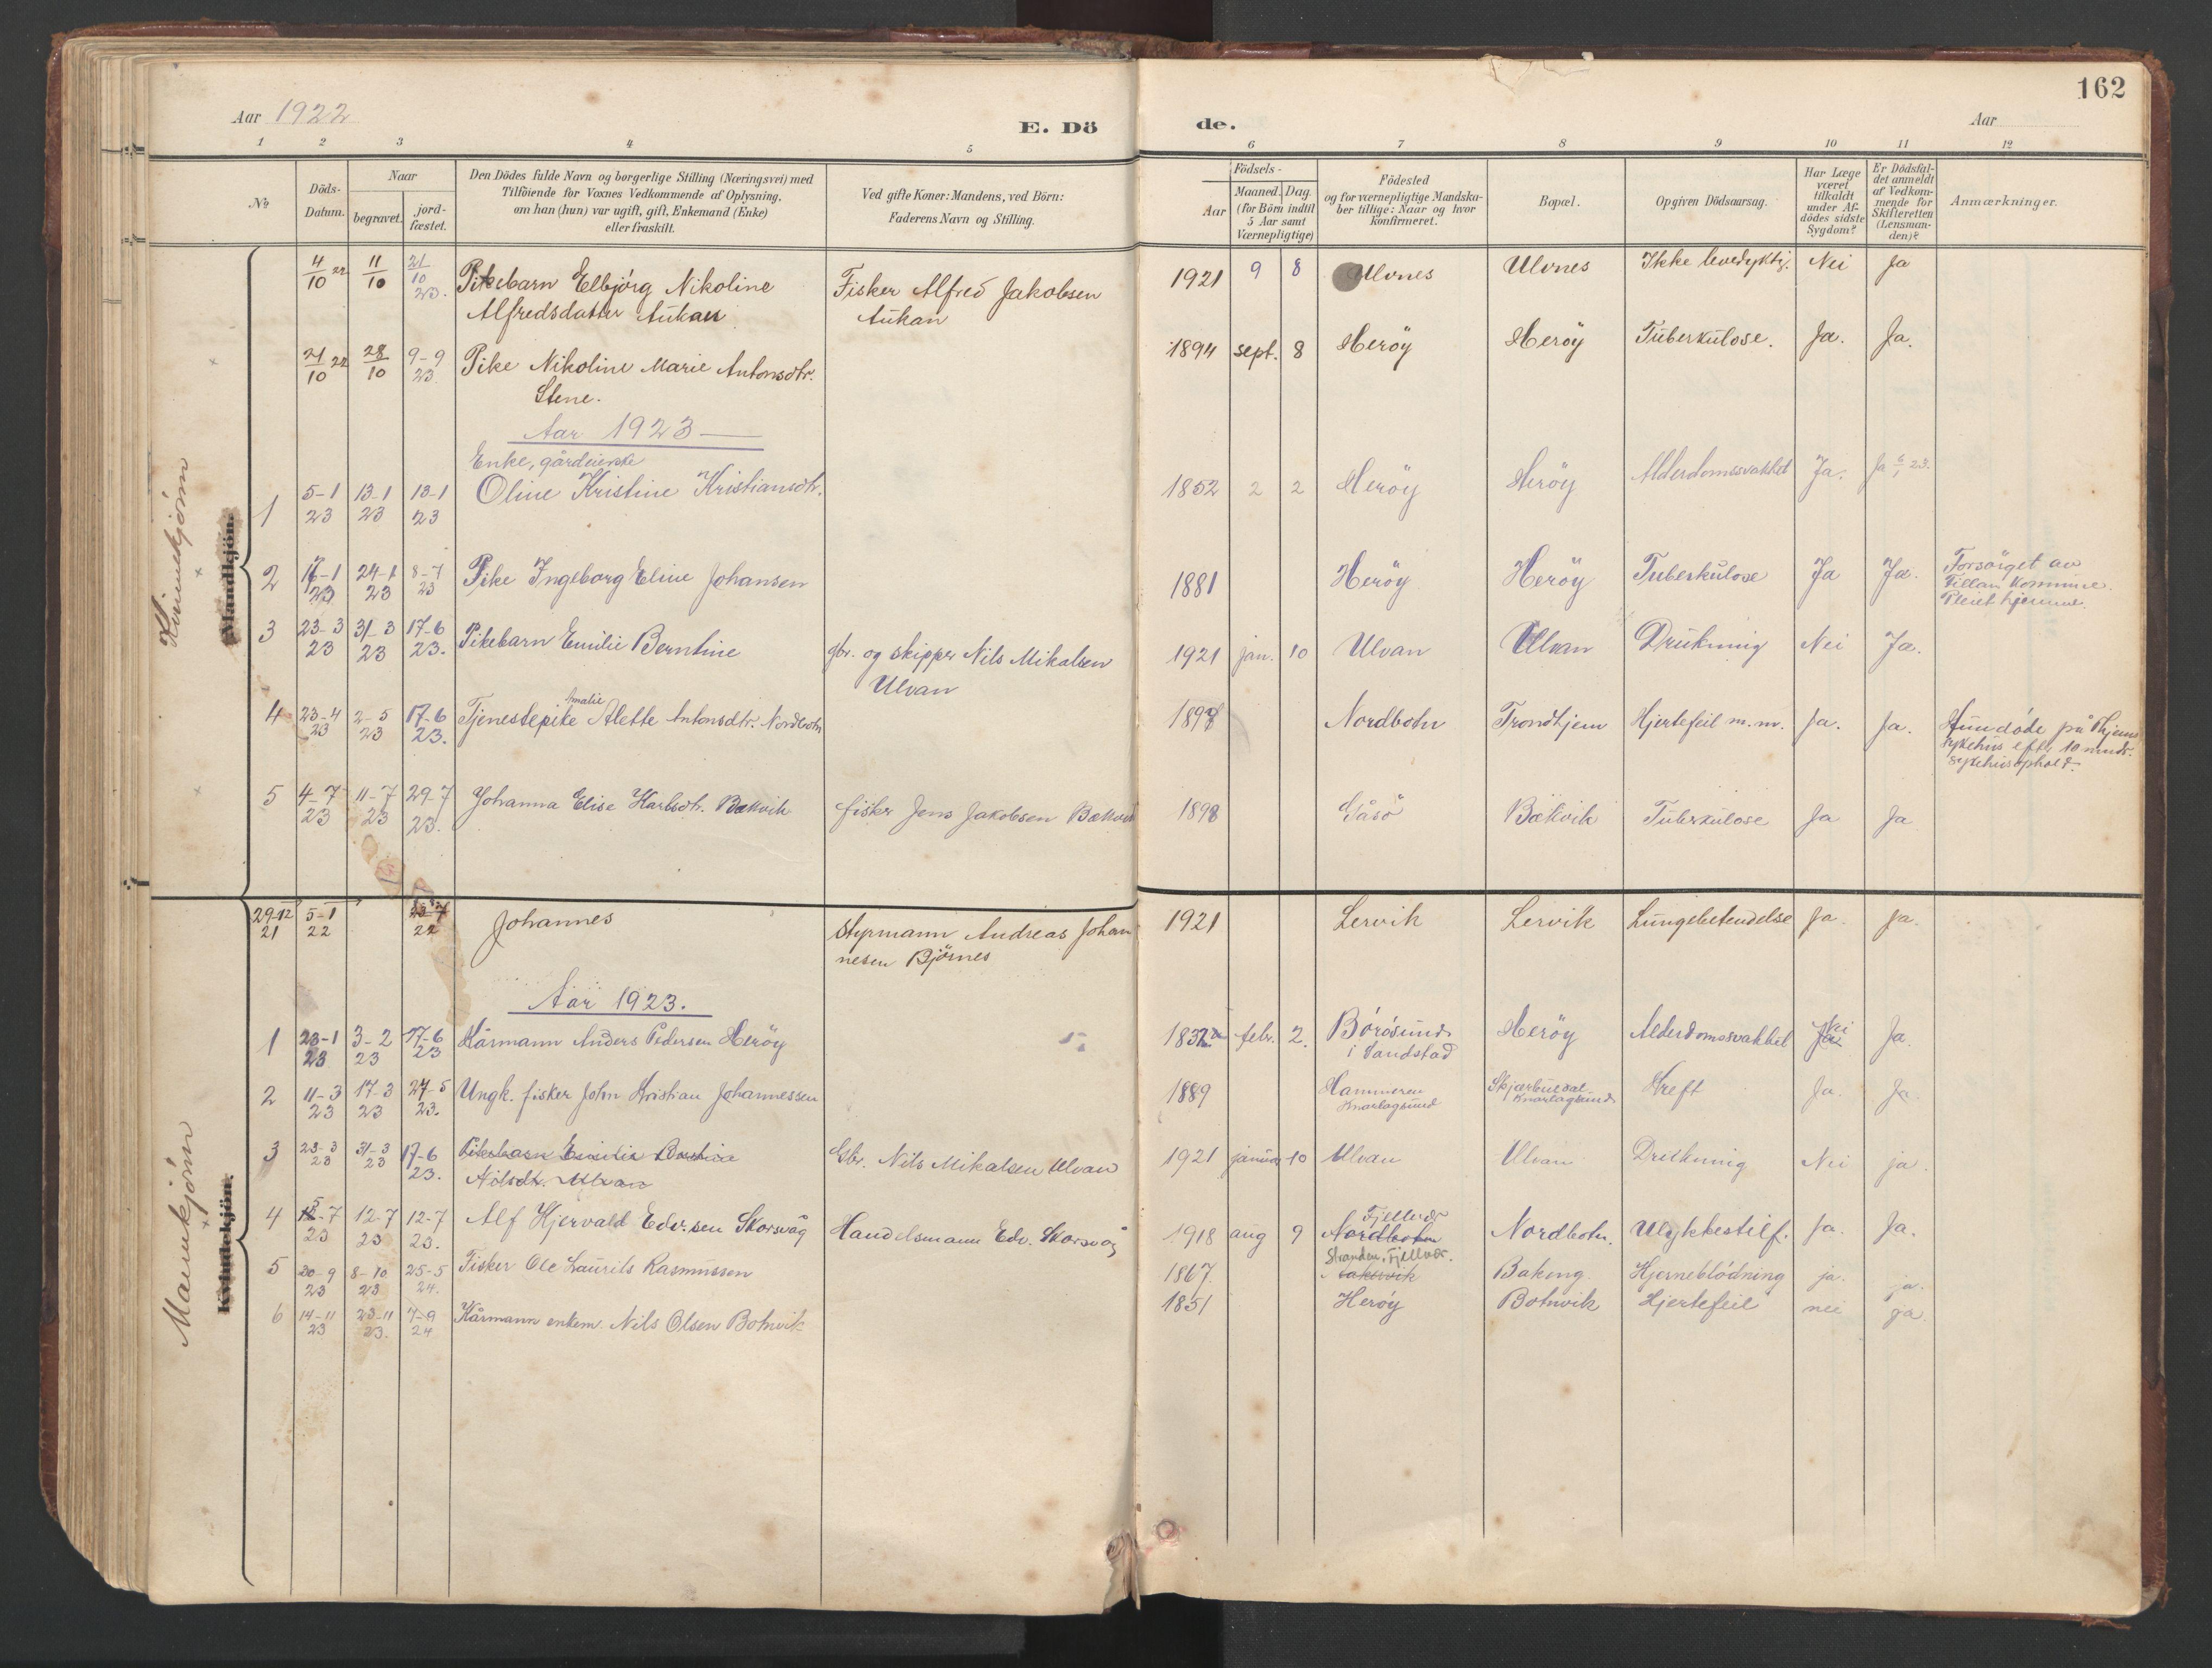 SAT, Ministerialprotokoller, klokkerbøker og fødselsregistre - Sør-Trøndelag, 638/L0571: Klokkerbok nr. 638C03, 1901-1930, s. 162